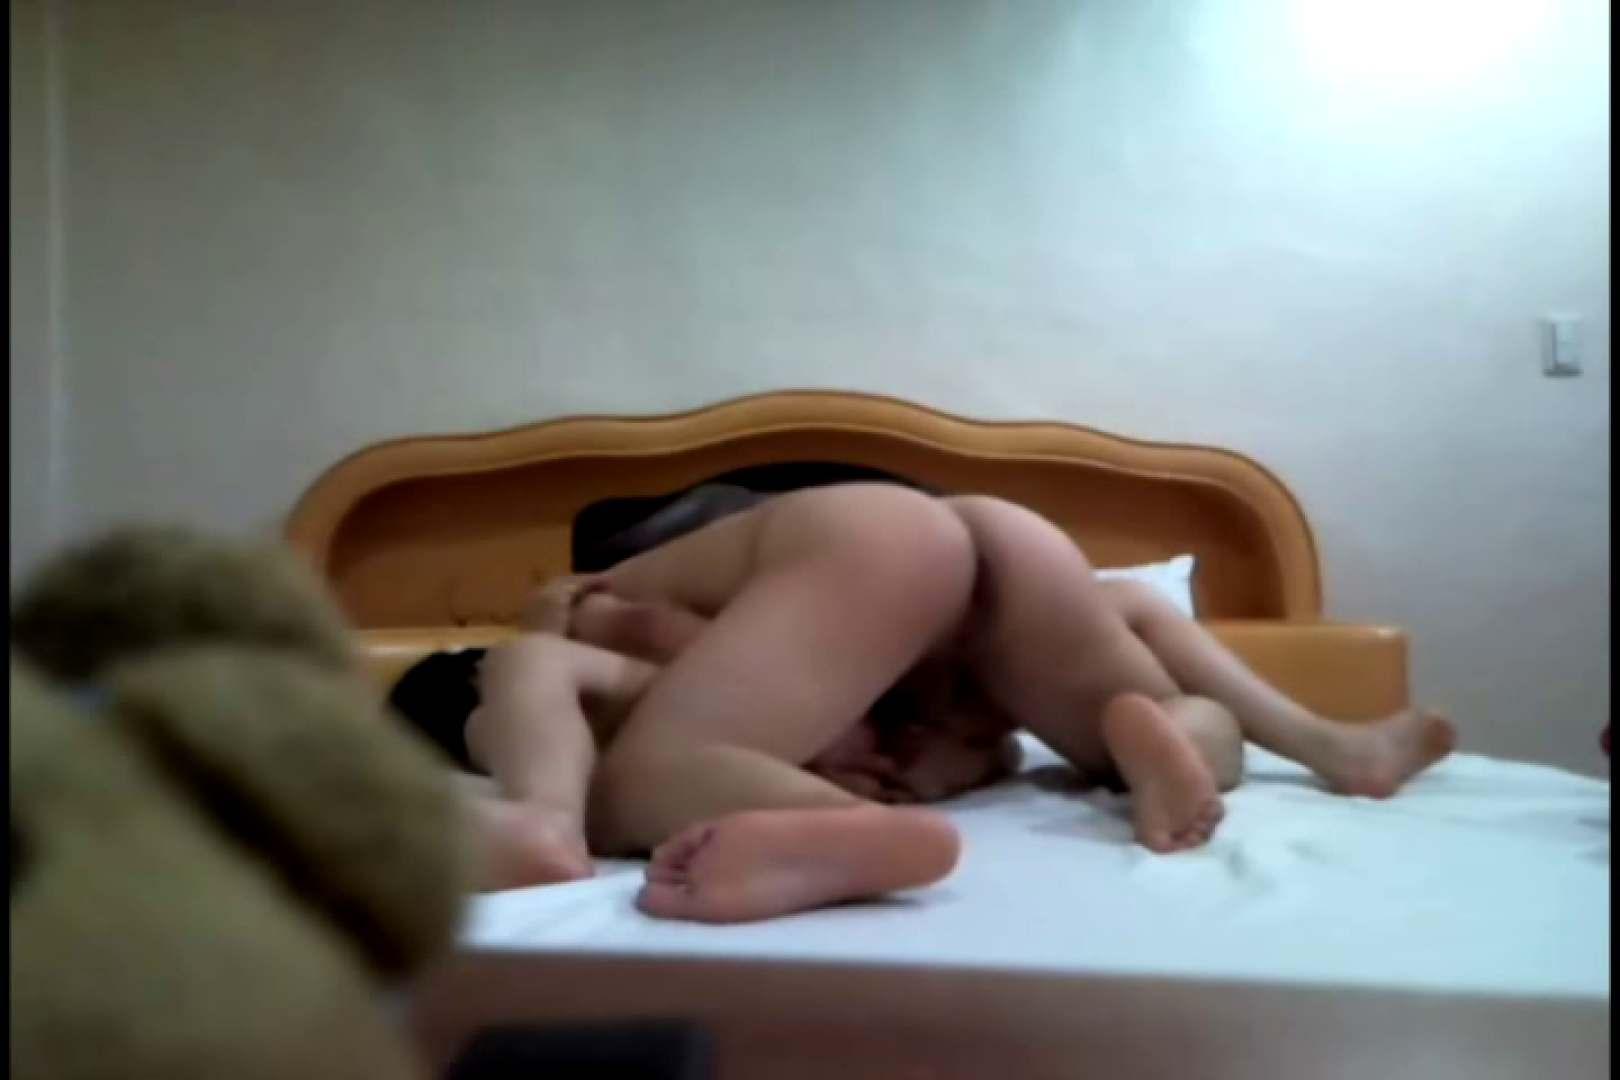 コリアン素人流出シリーズ ラブホテル隠し撮り ラブホテル | ホテル潜入  70pic 34